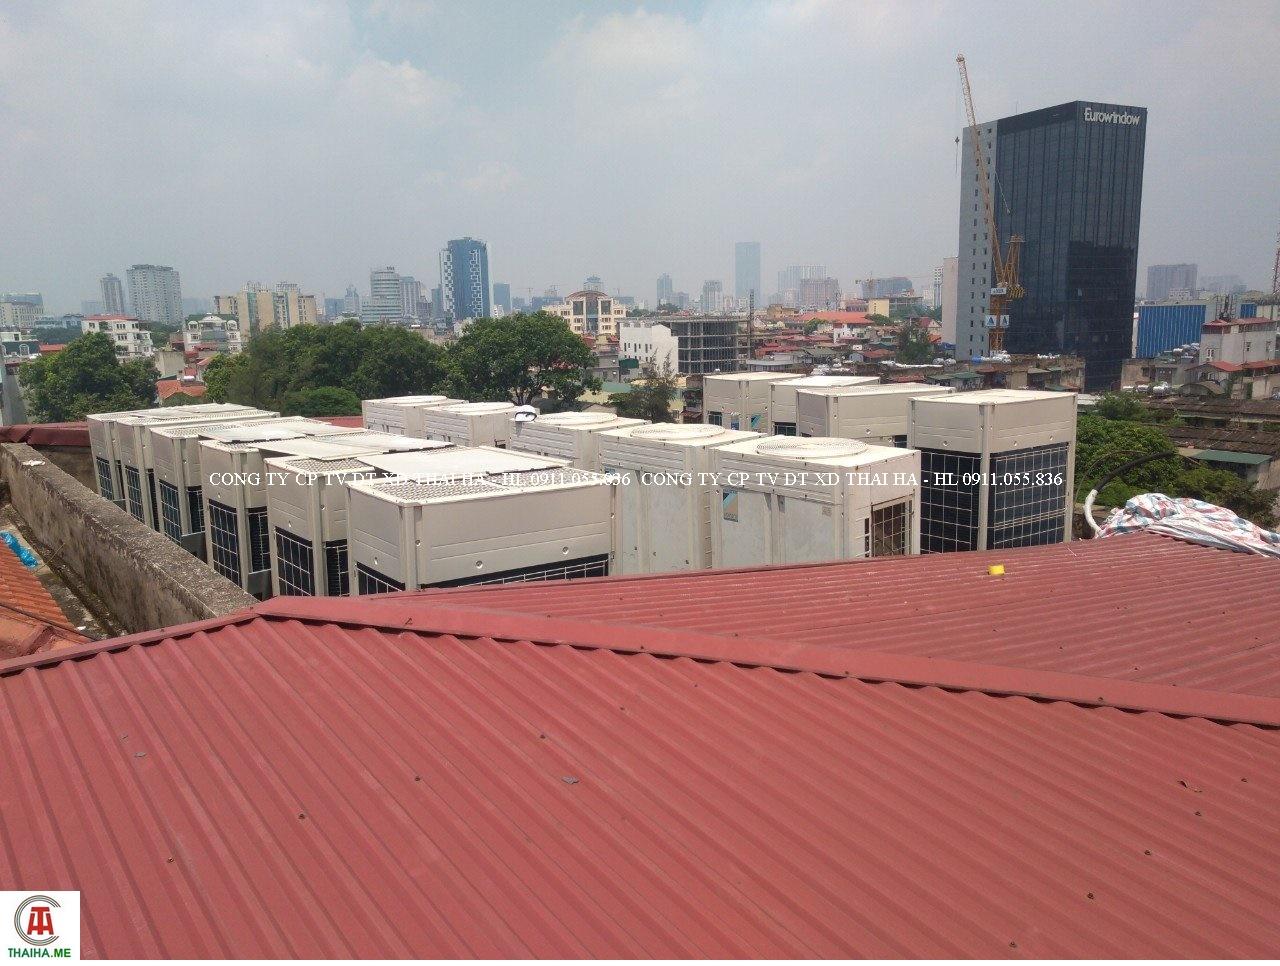 Dàn nóng điều hòa trung tâm đặt trên mái